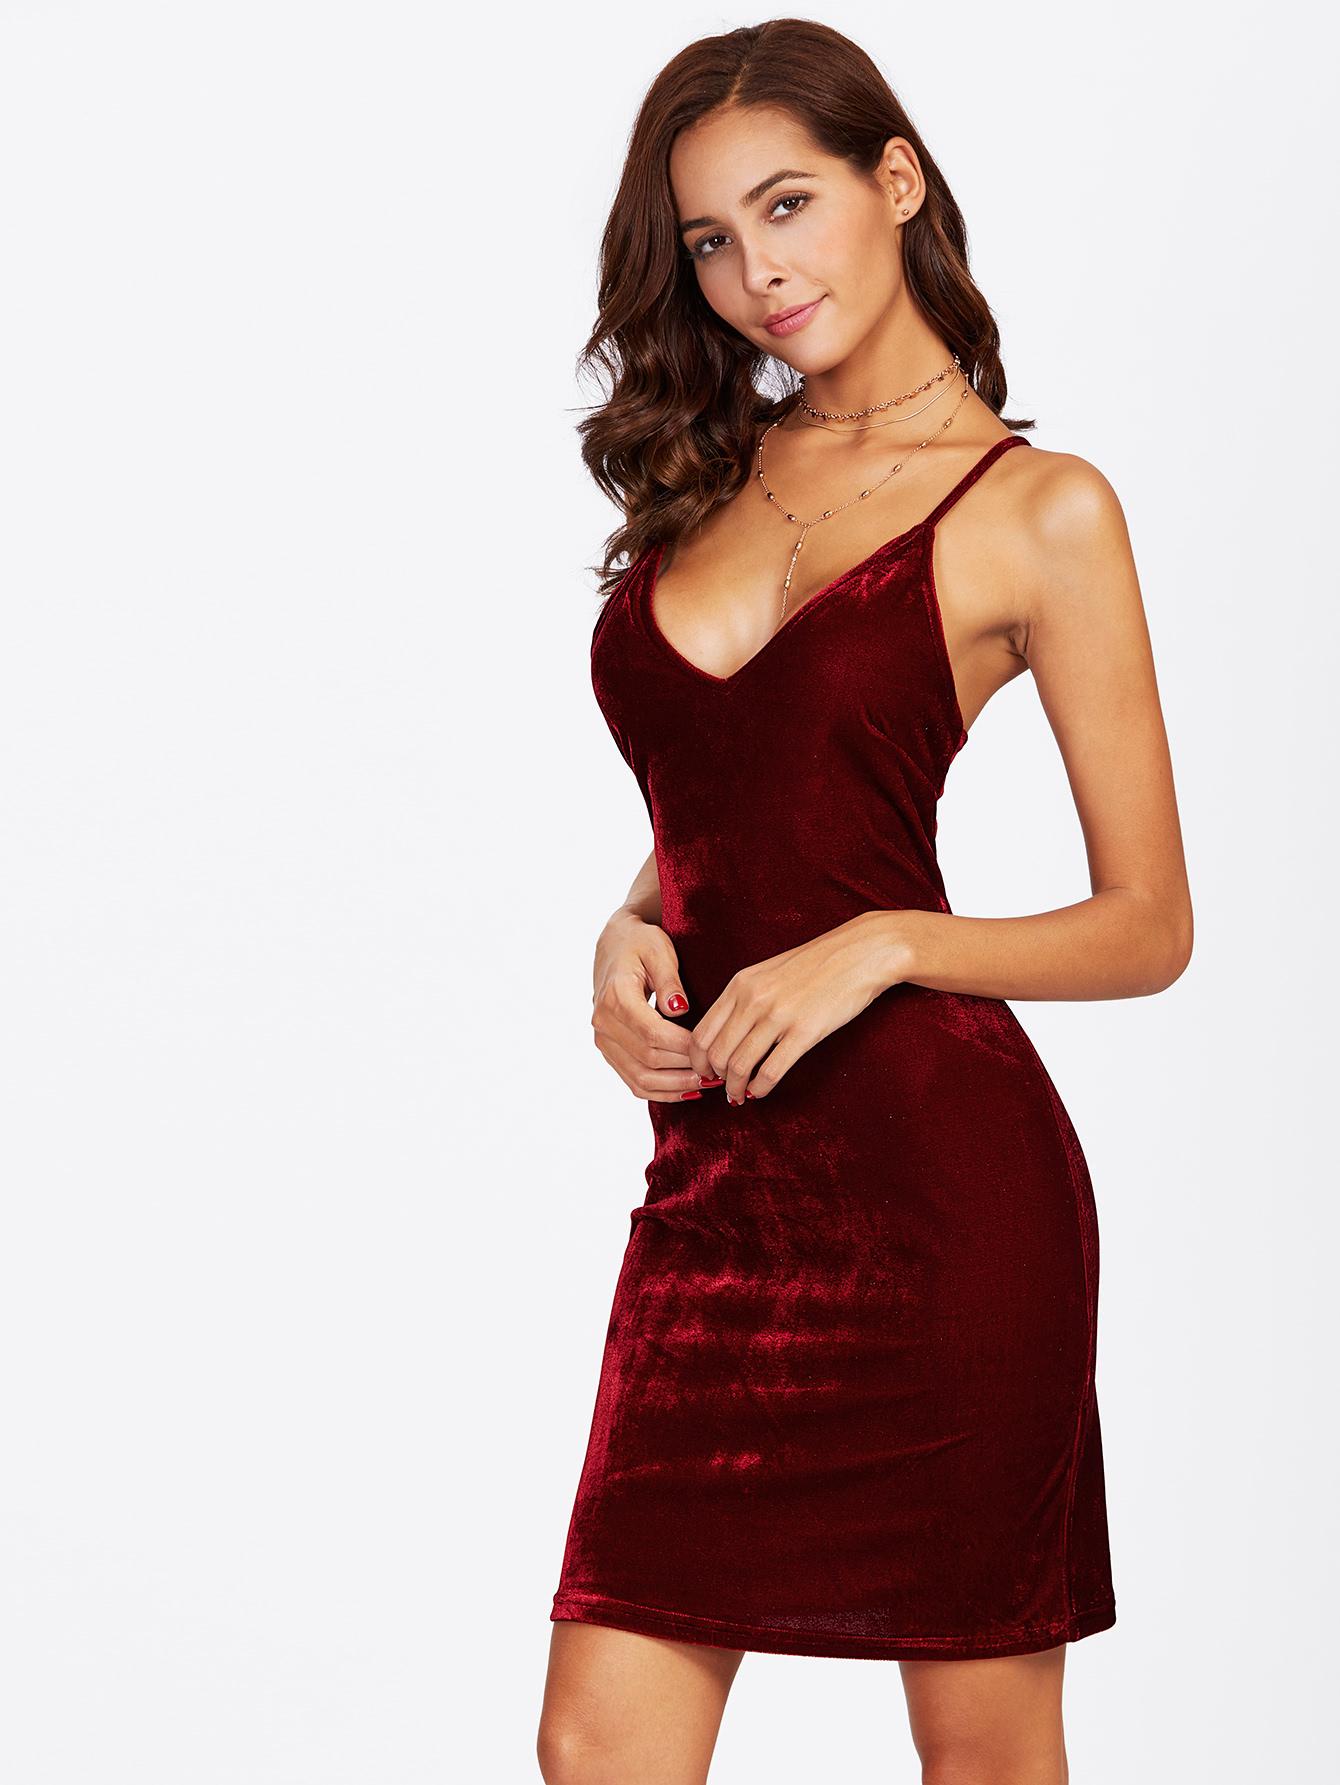 صور فستان مخمل , اجمل فساتين شتوية ستراها